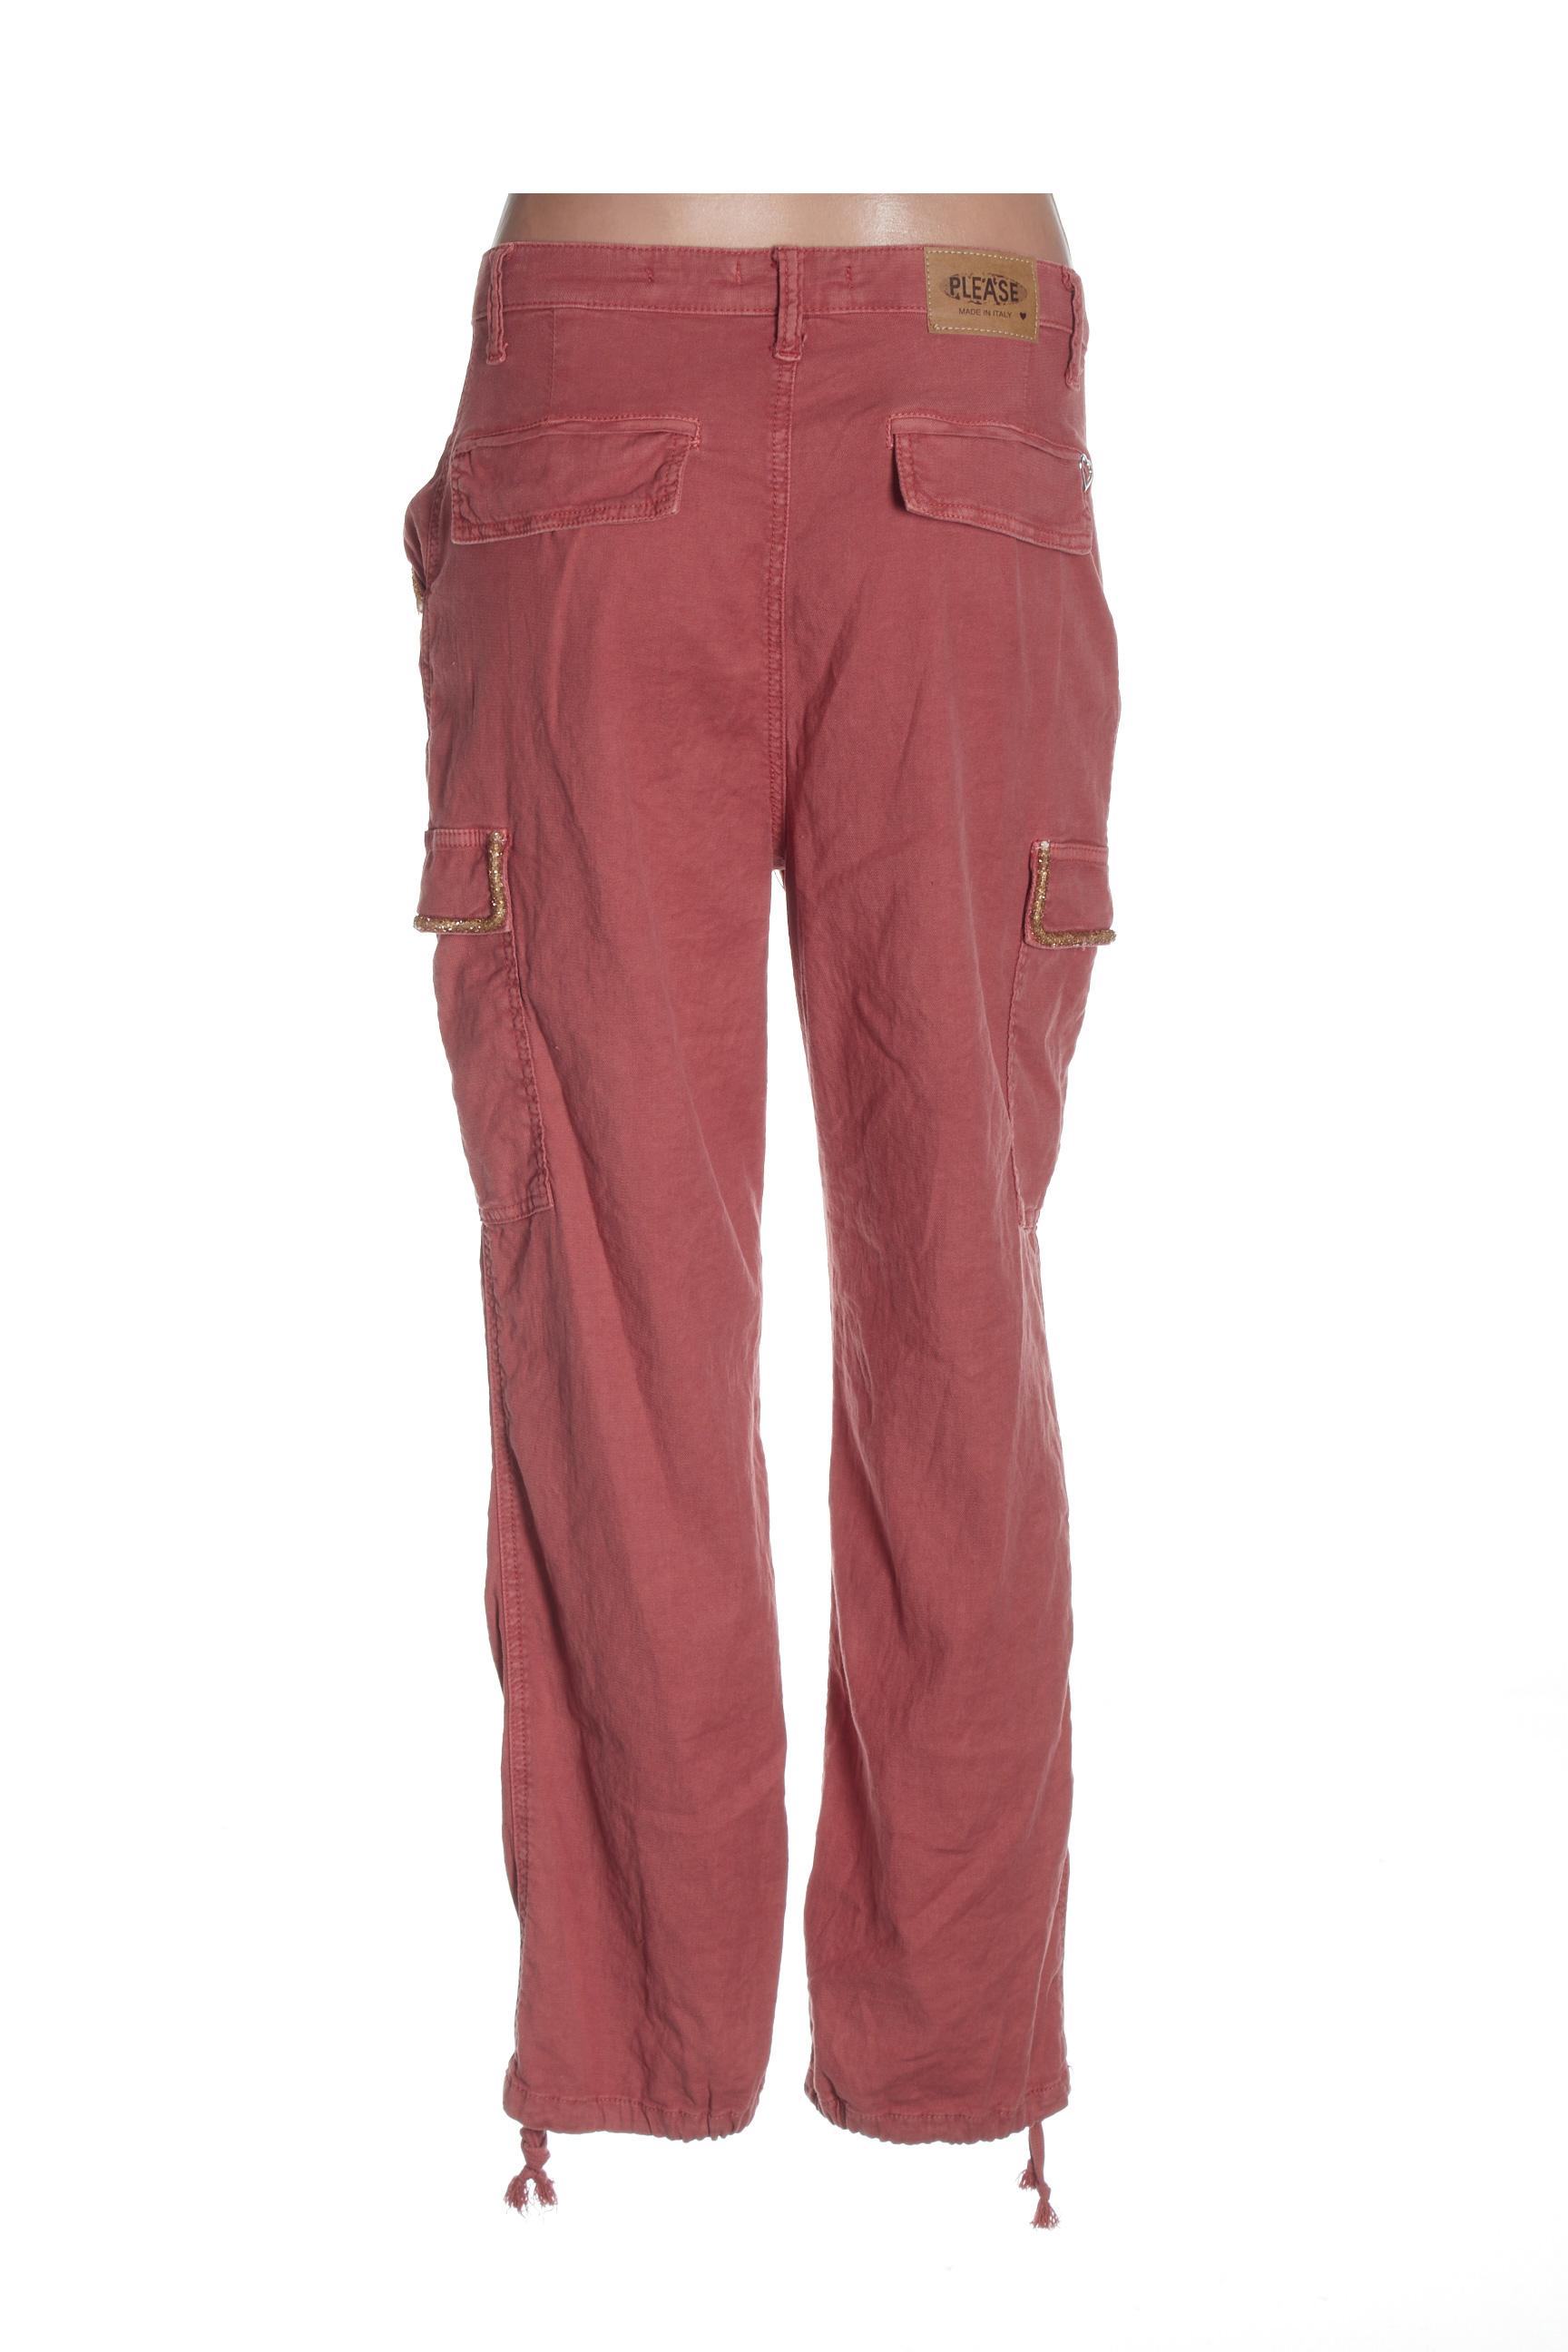 Please Pantalons Decontractes Femme De Couleur Rouge En Soldes Pas Cher 1434032-rouge0